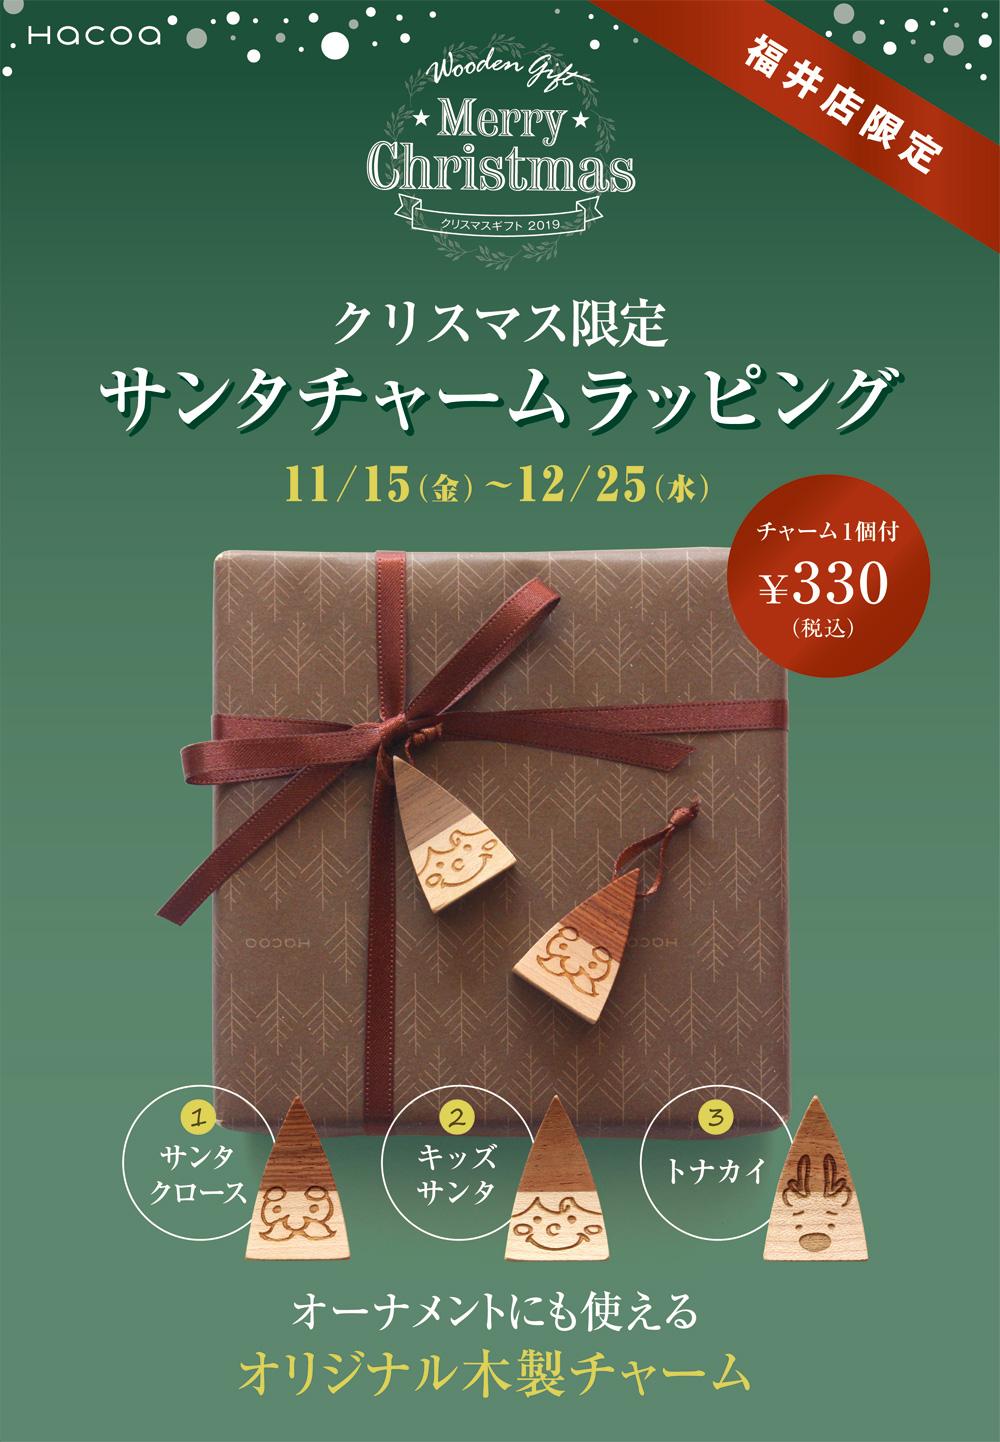 福井店 クリスマス限定サンタチャームラッピング